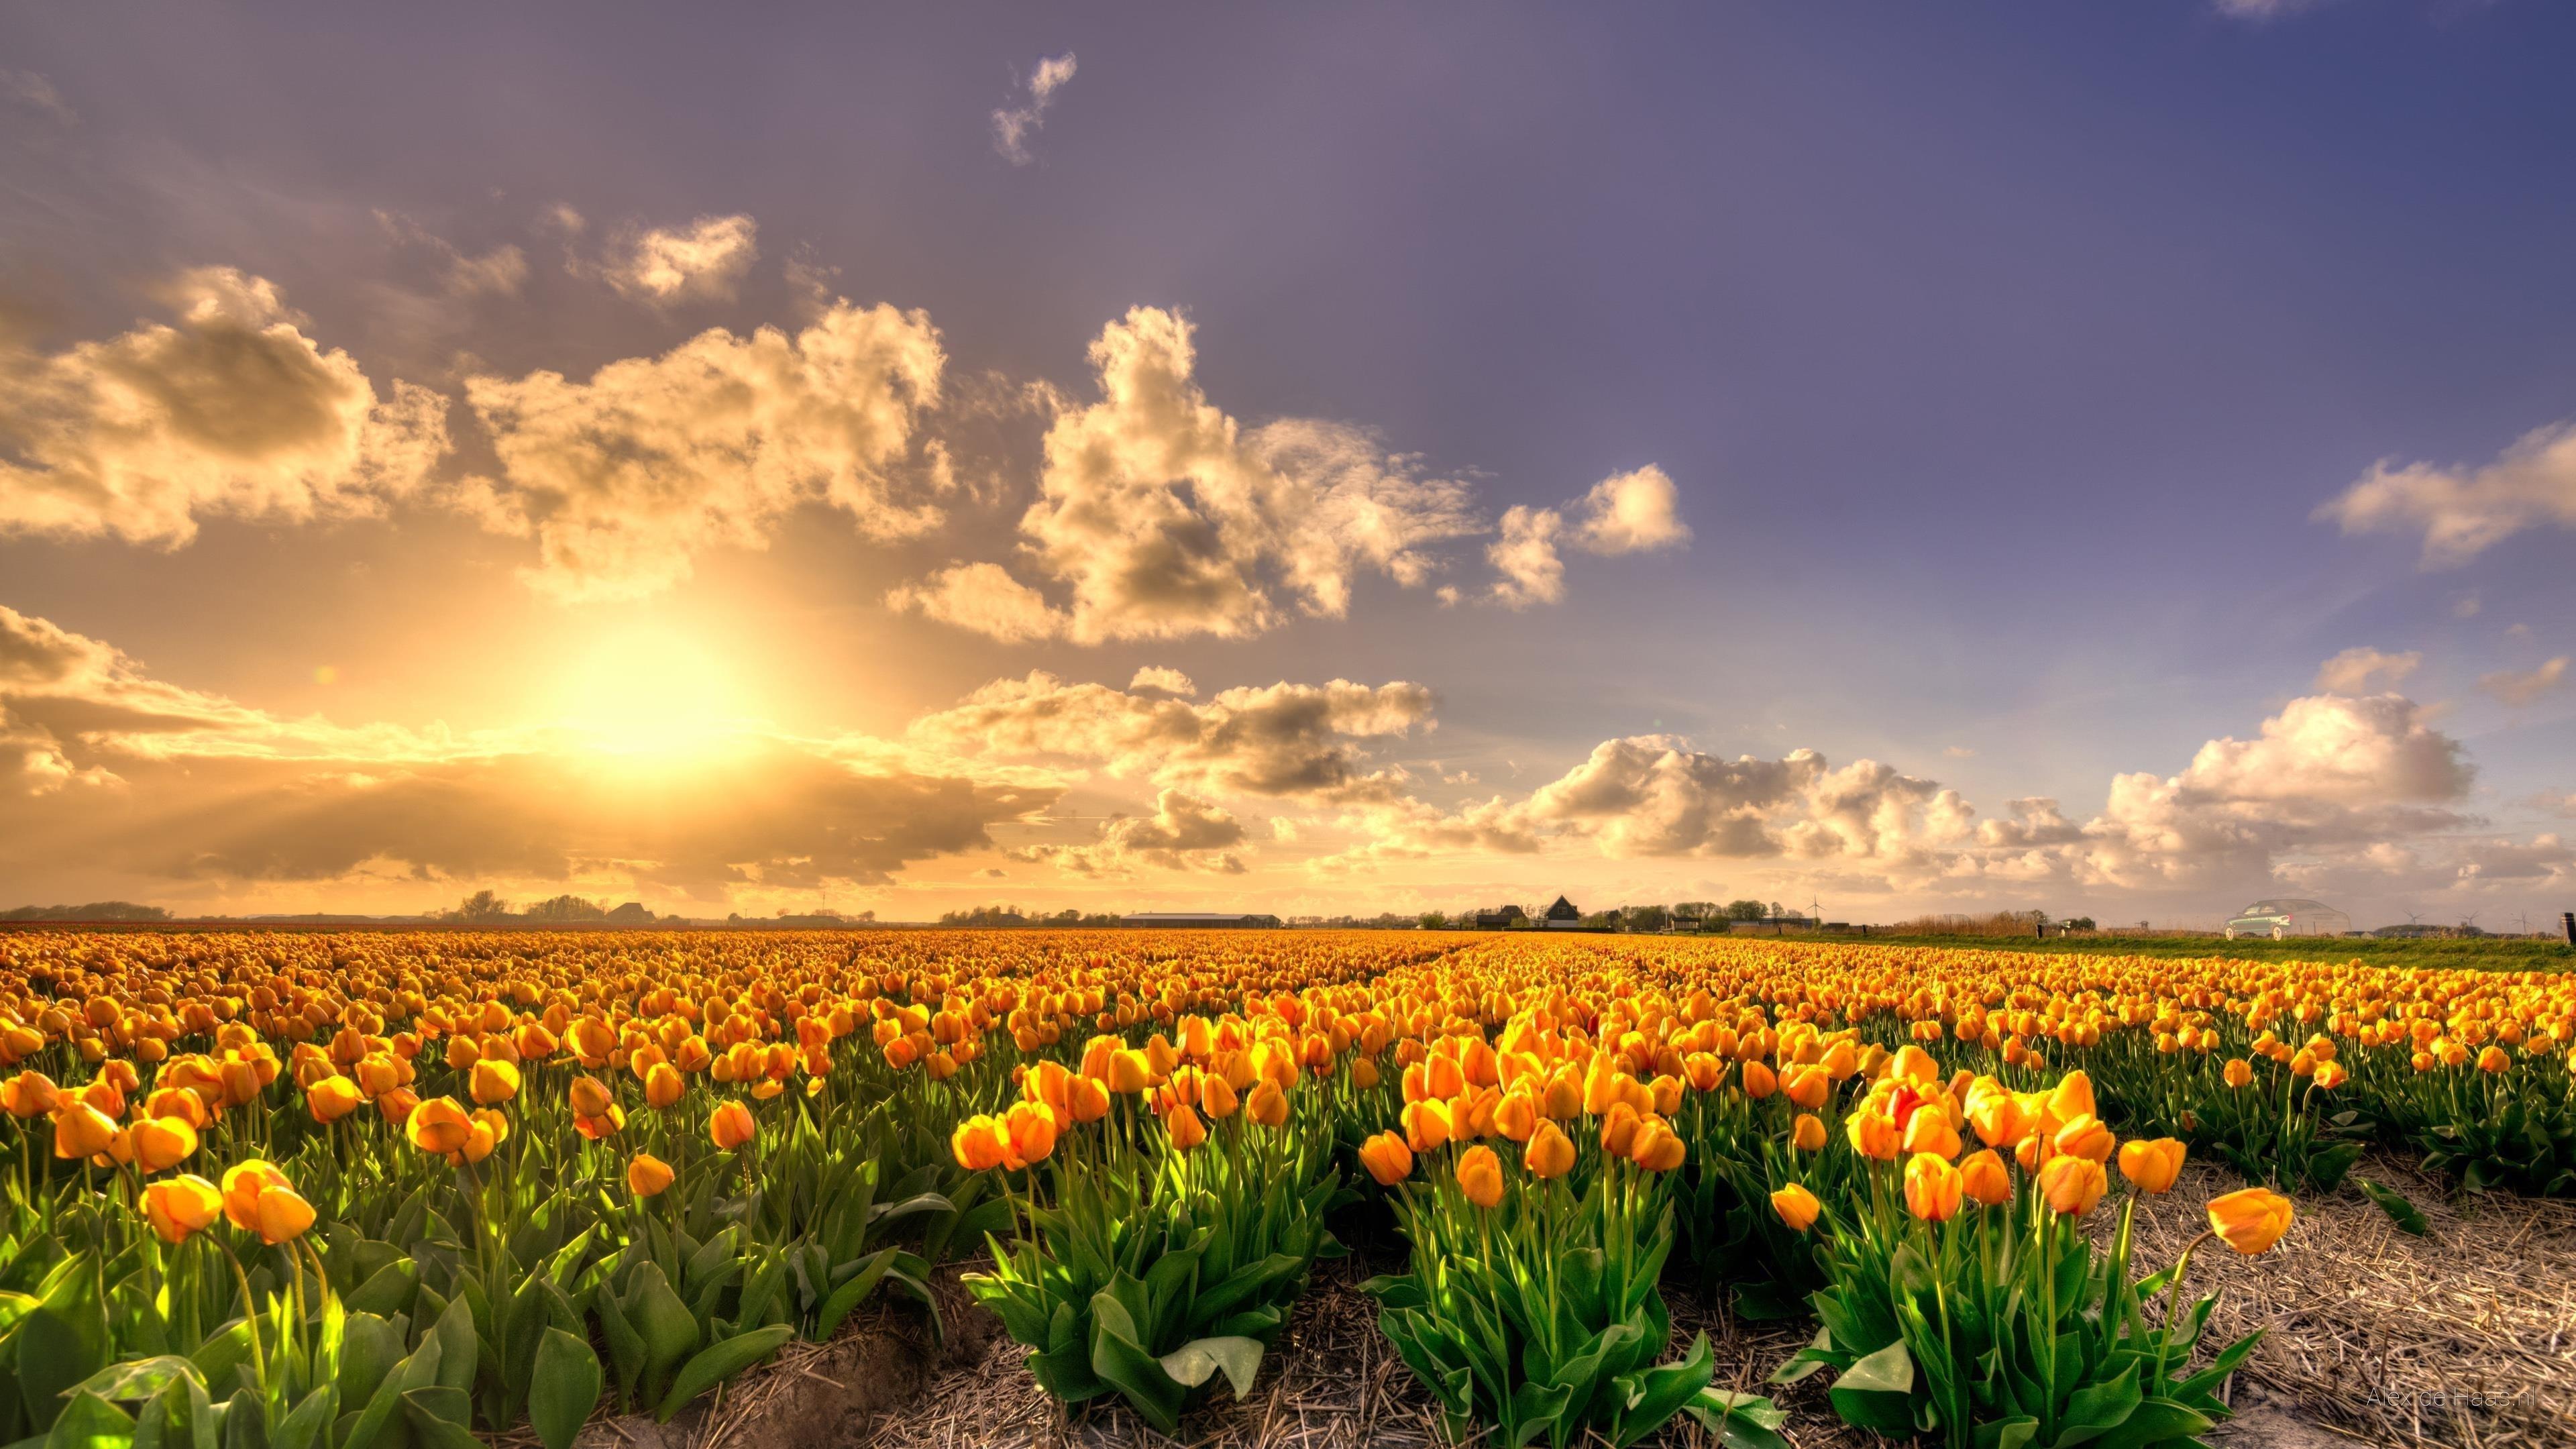 Желтые цветы тюльпанов поле на закате Голландия богатое чистое золото обои скачать